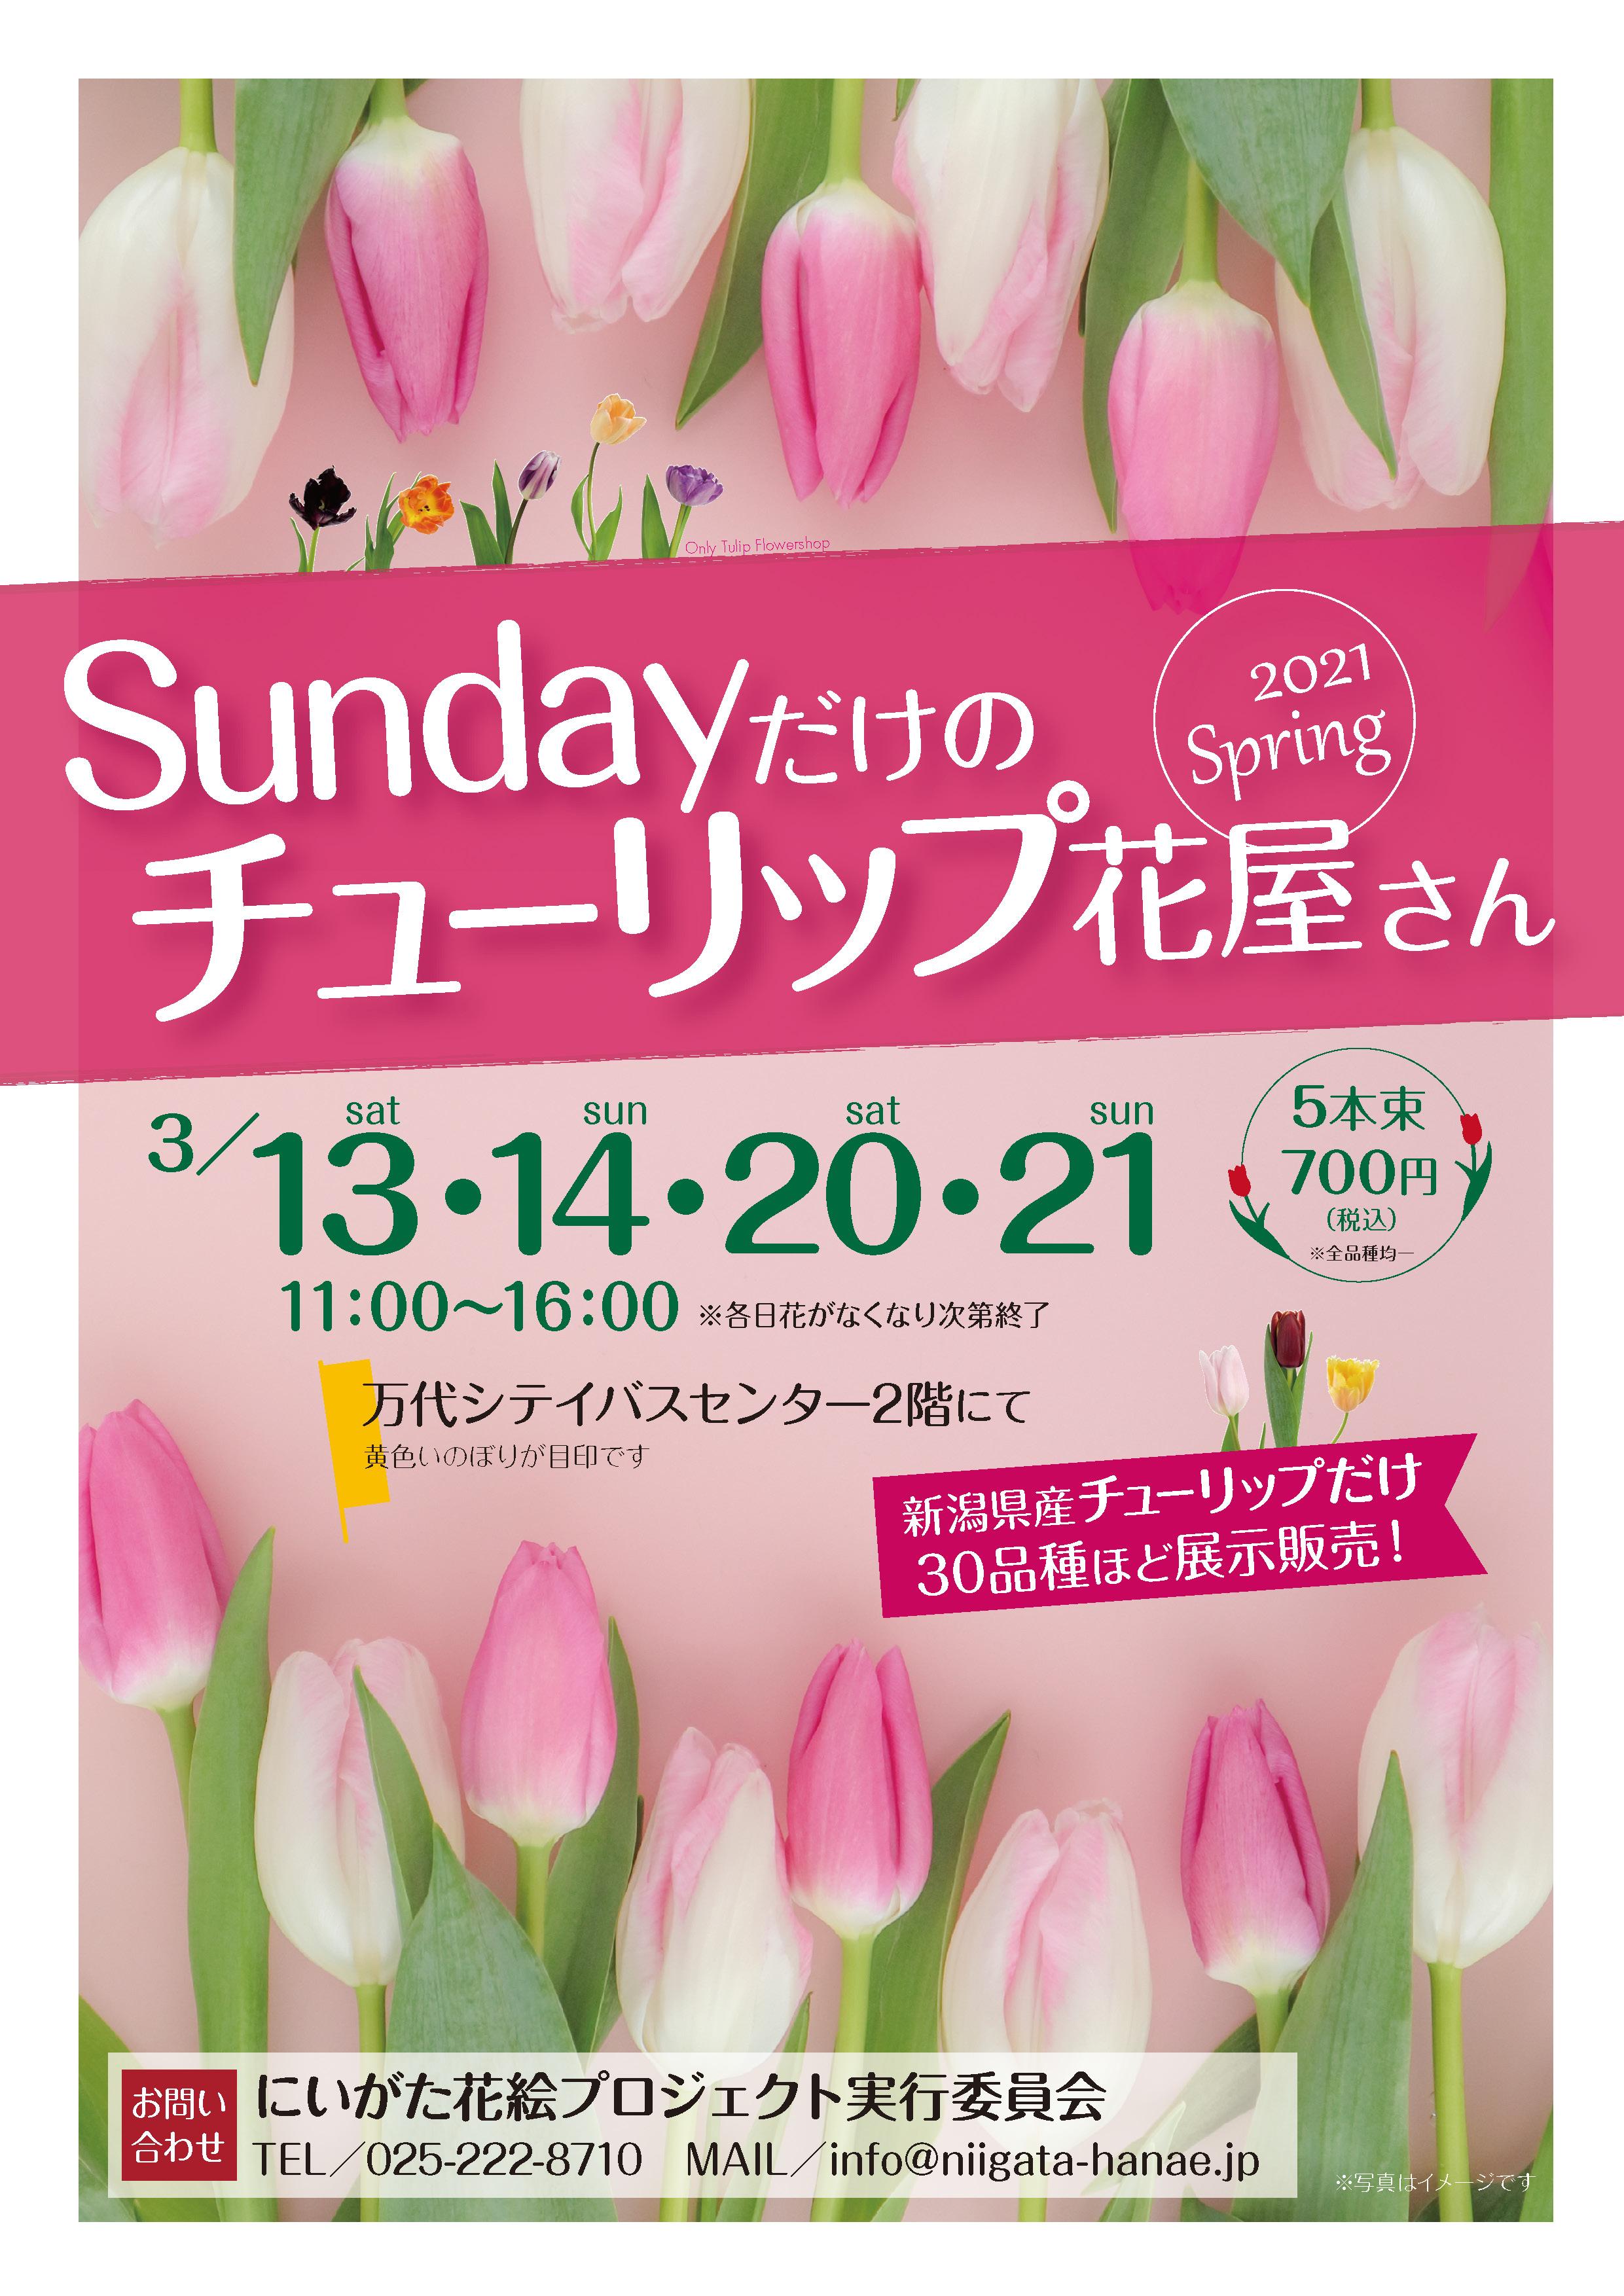 Sundayだけのチューリップ花屋さんチラシ